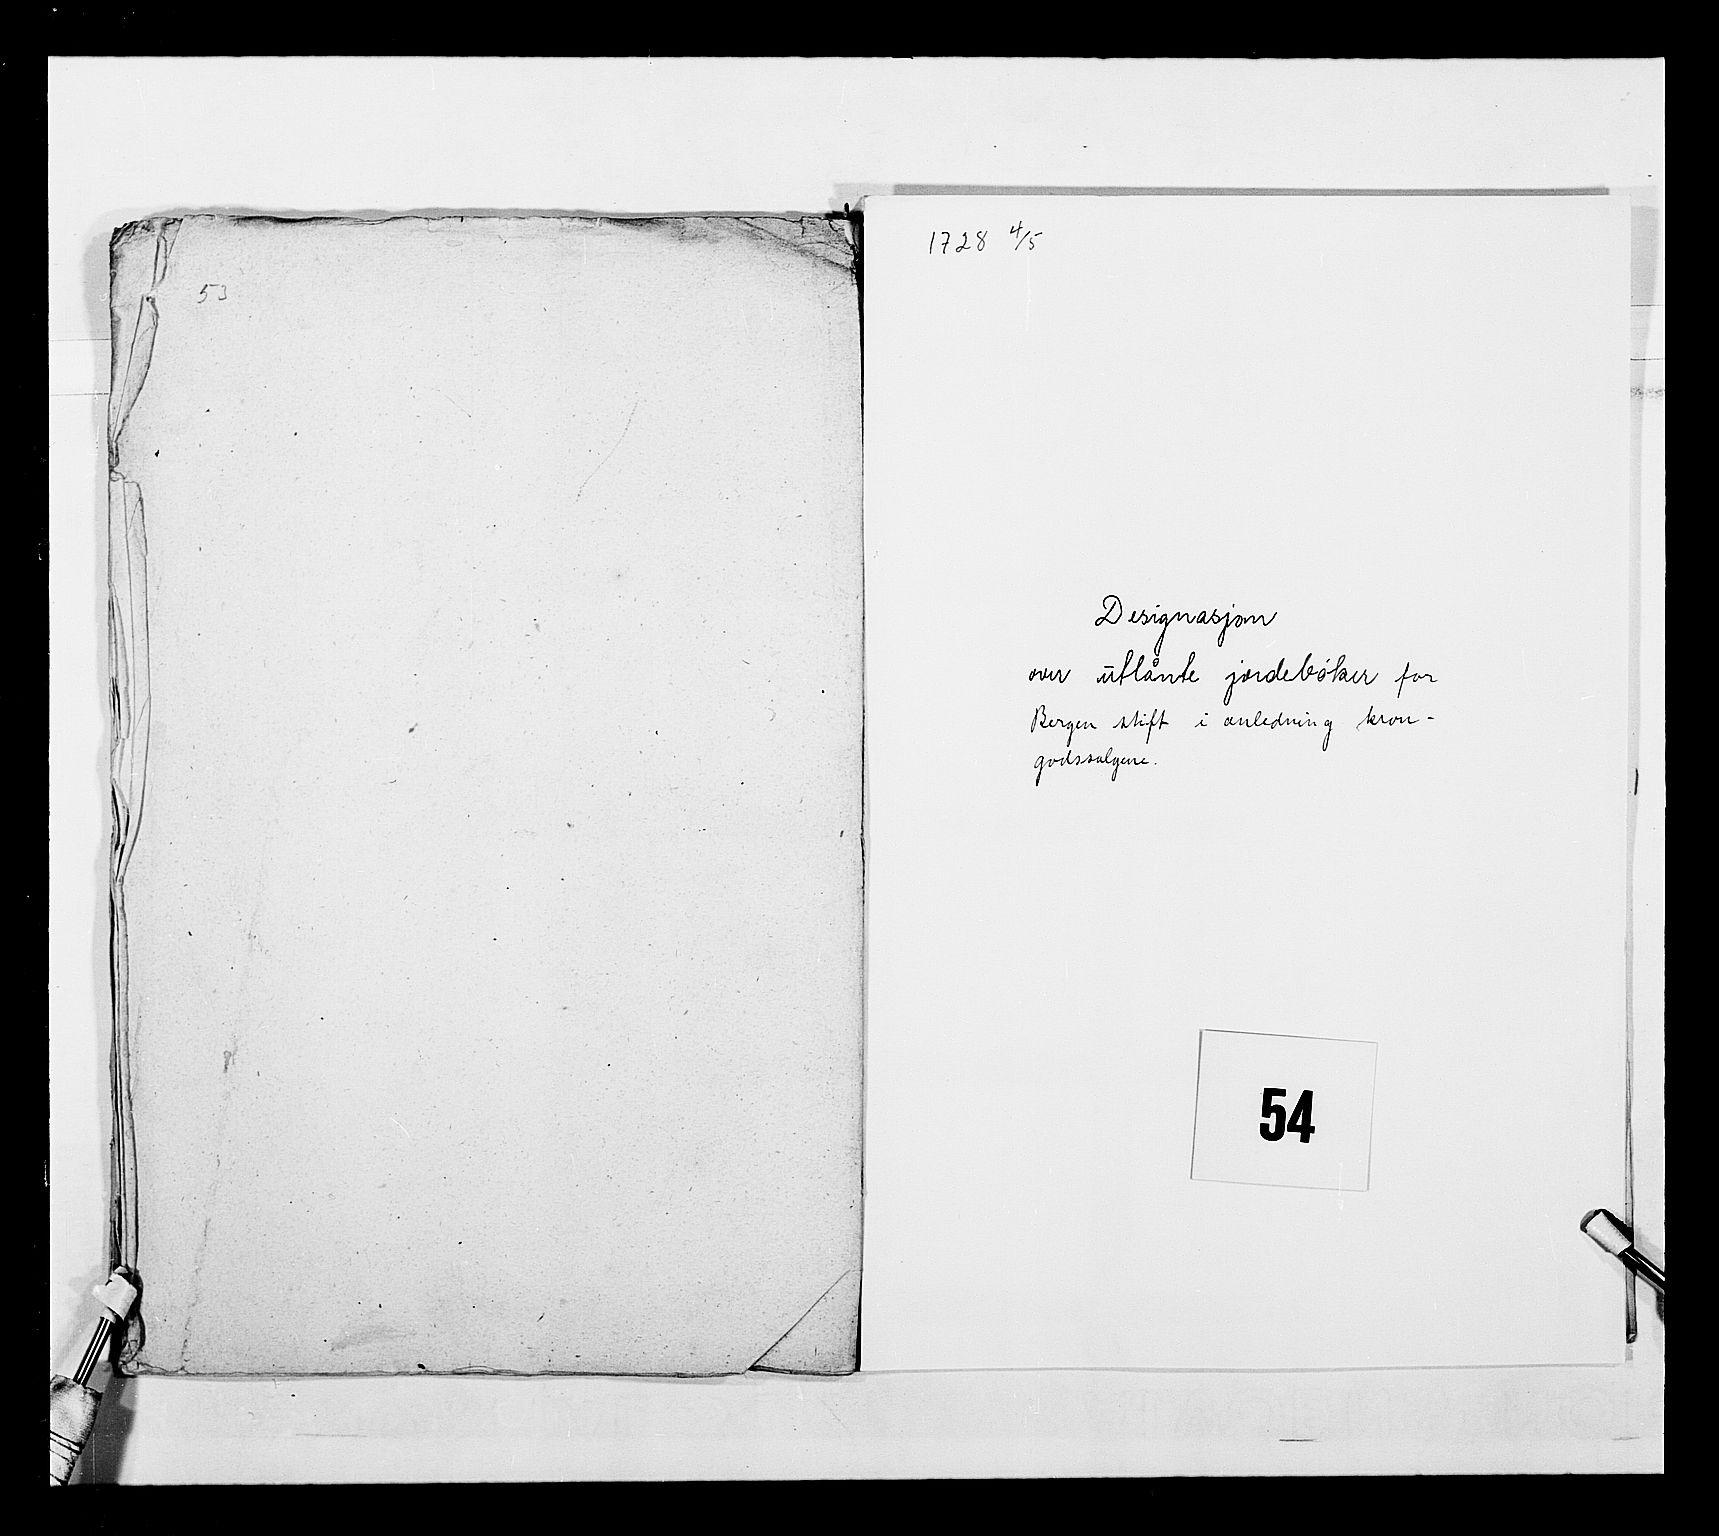 RA, Stattholderembetet 1572-1771, Ek/L0040: Jordebøker o.a. 1720-1728 vedkommende krongodset:, 1726-1728, s. 19